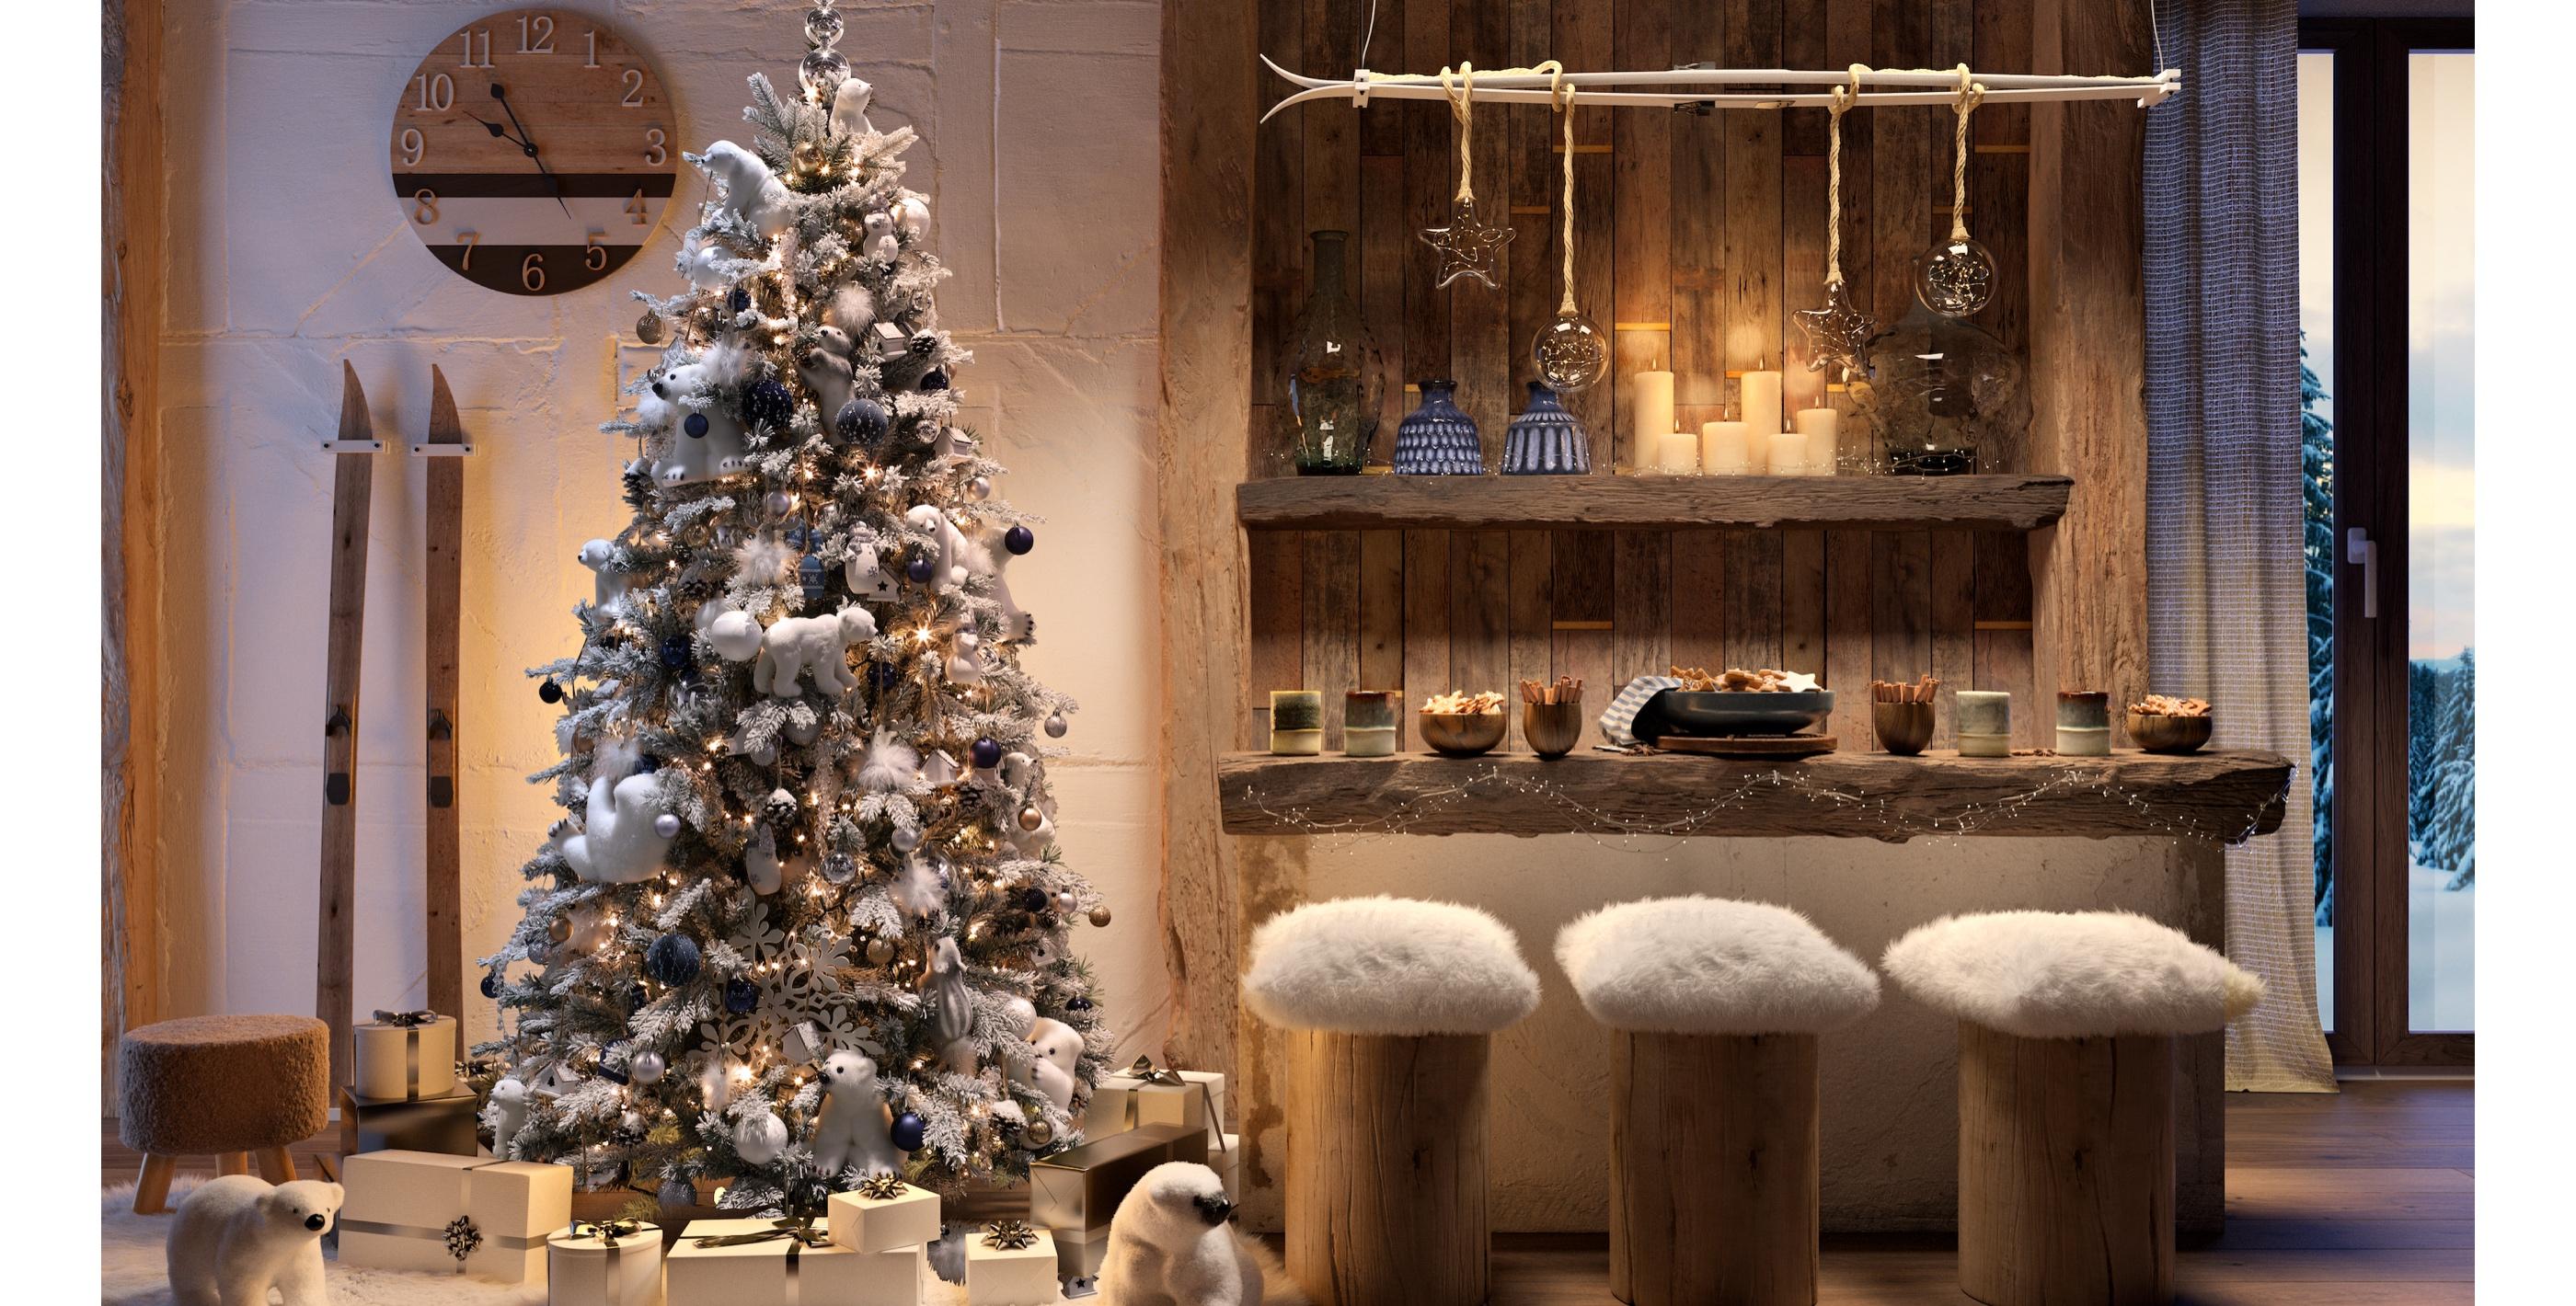 Natale Artic - Leroy Merlin